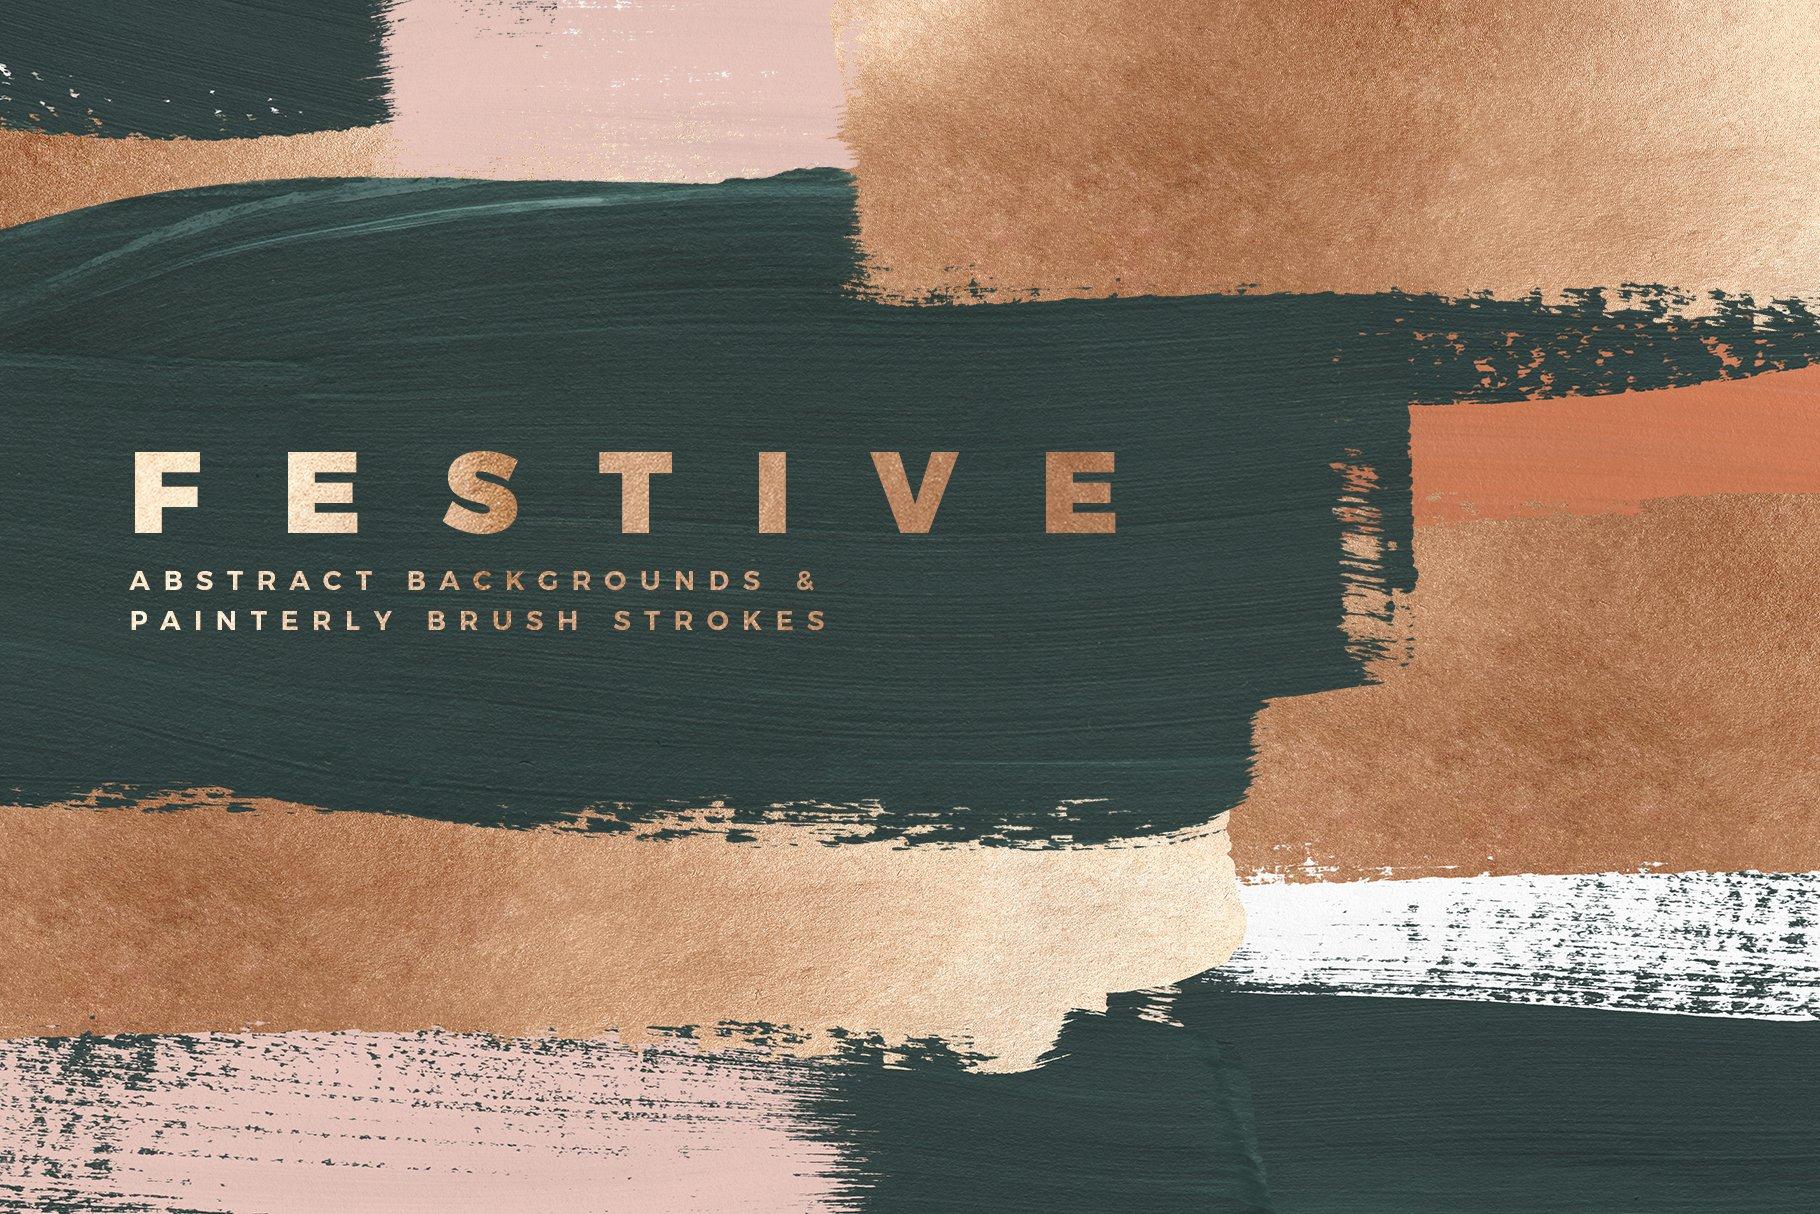 [淘宝购买] 时尚优雅抽象多彩丙烯酸颜料笔刷肌理背景PNG图片素材 Painterly Shapes & Backgrounds插图(10)